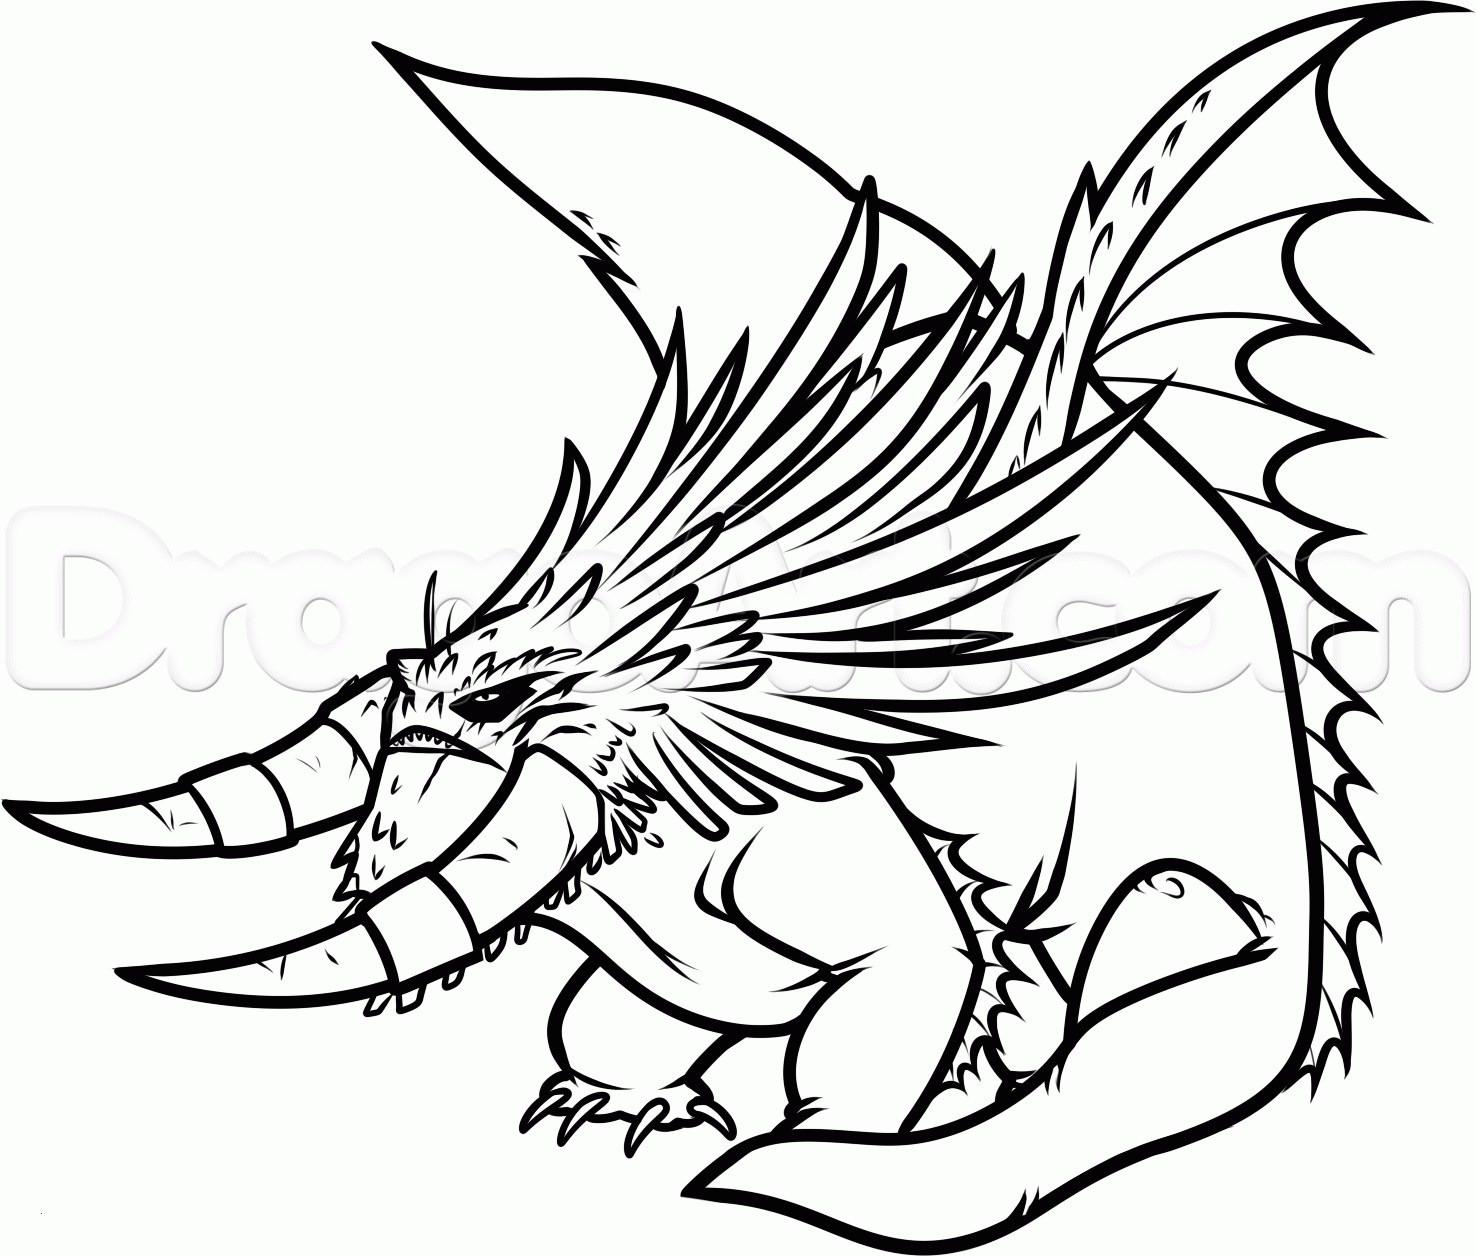 dragons auf zu neuen ufern ausmalbilder inspirierend 47